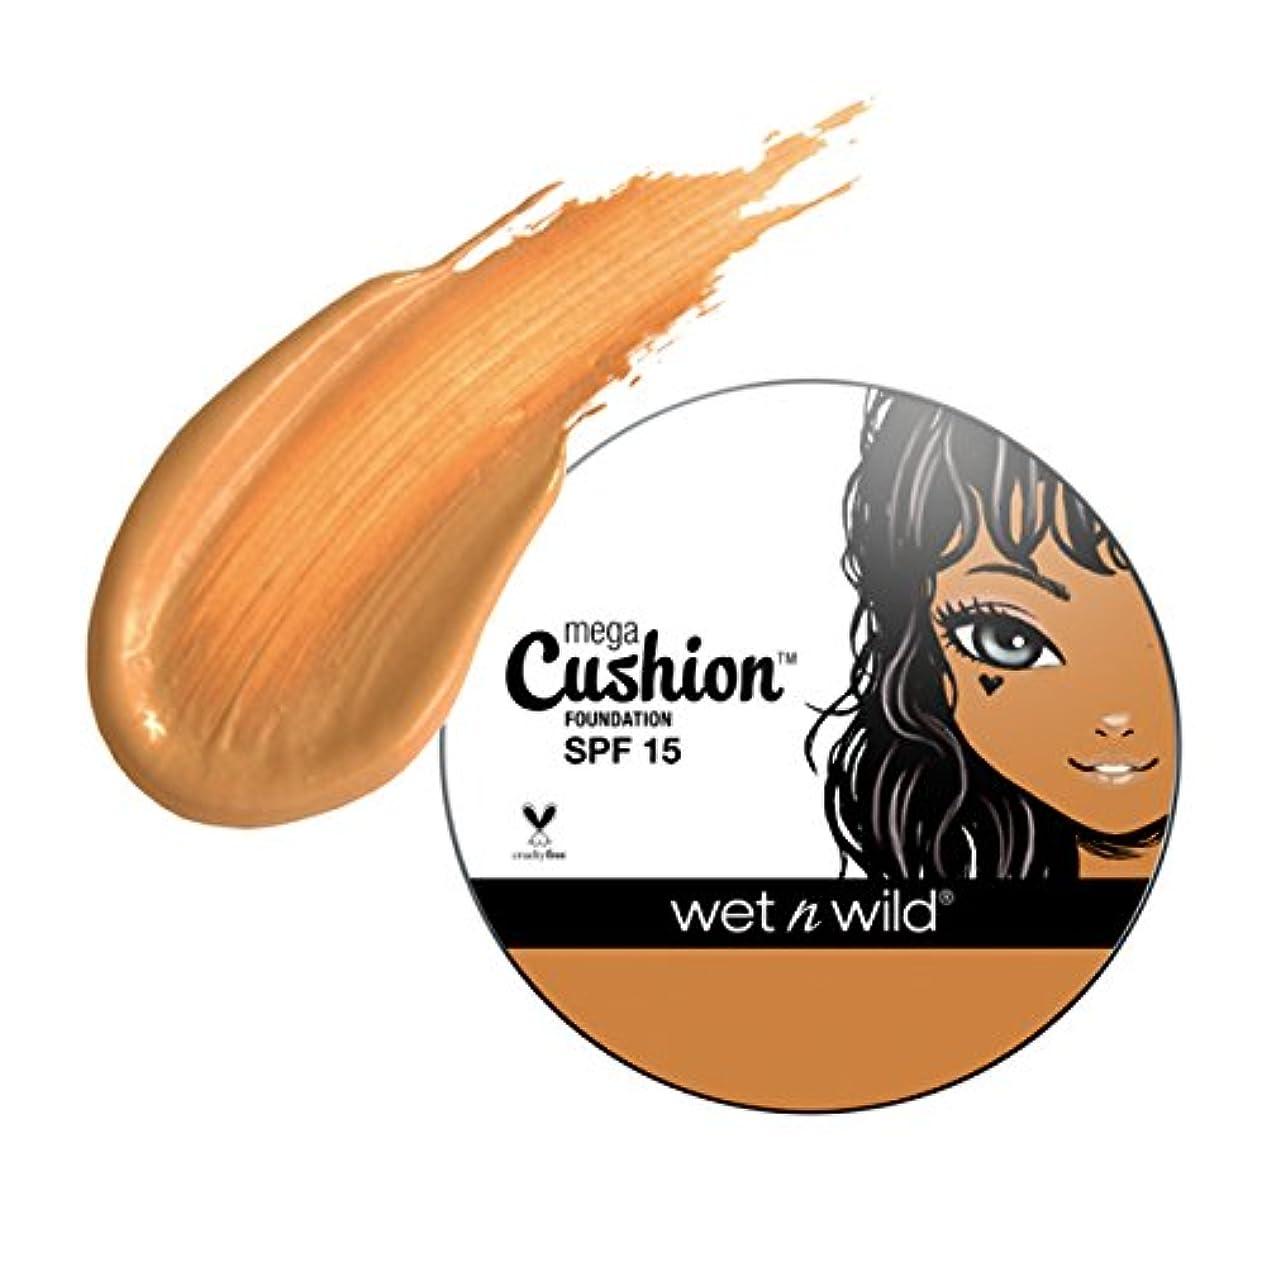 喜ぶ余暇情熱的(3 Pack) WET N WILD MegaCushion Foundation SPF 15 - Tawny (並行輸入品)